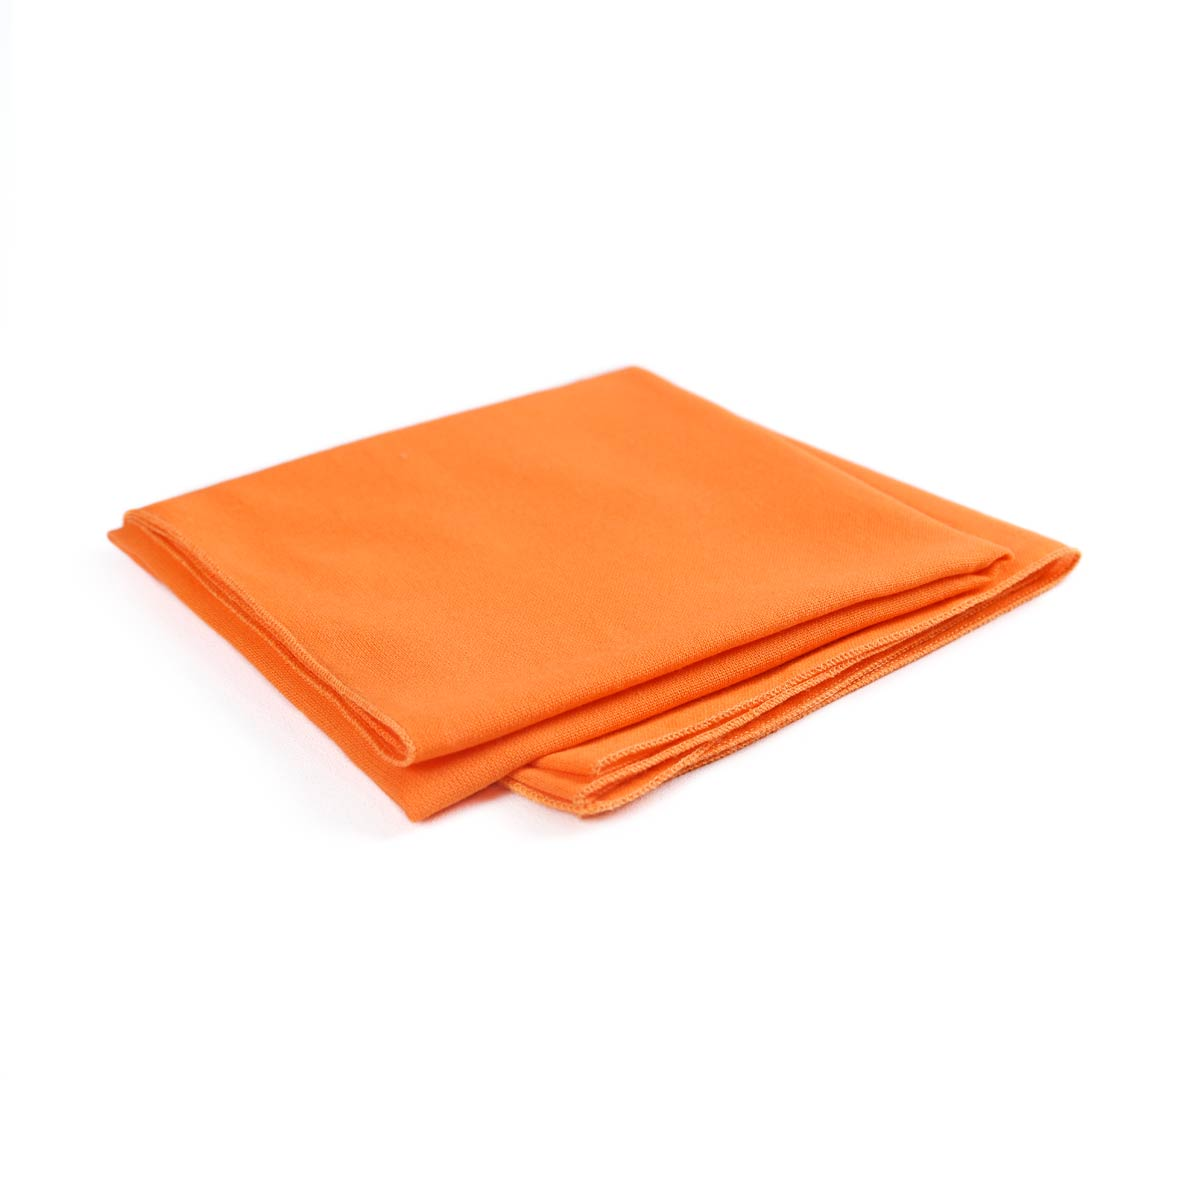 AT-04908_F12-2--_Bandana-orange